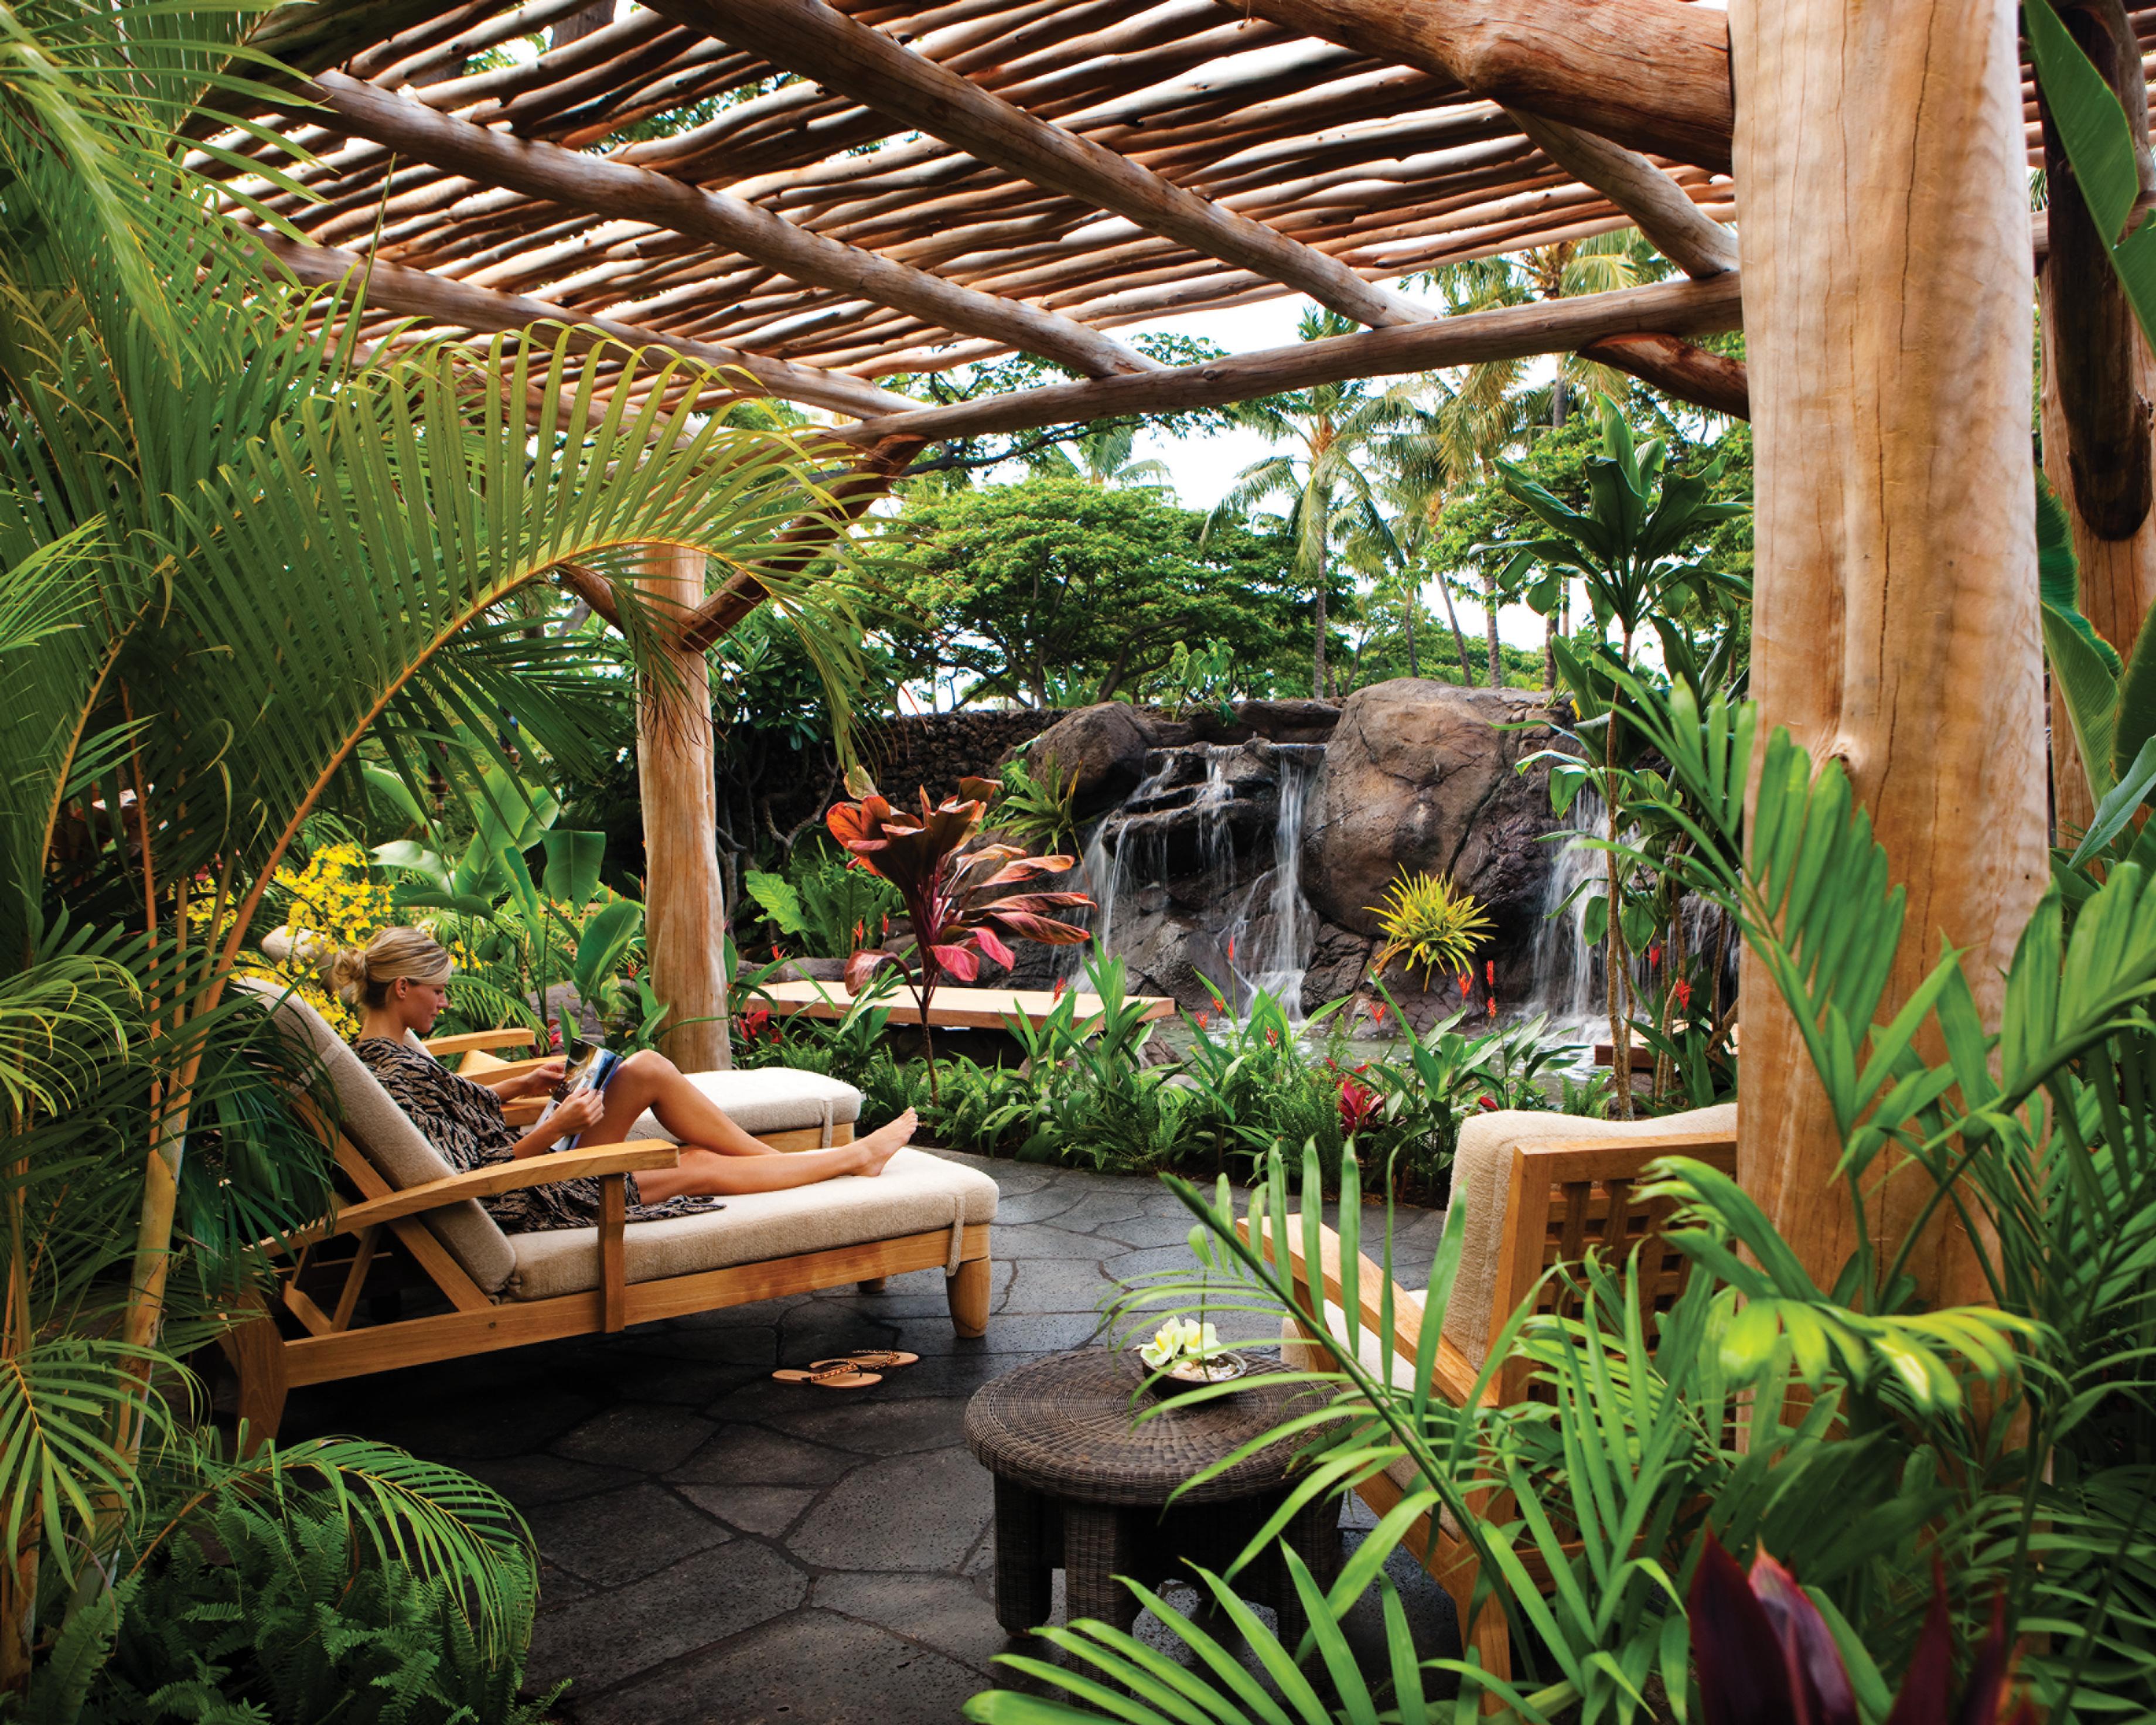 honeymooners guide hawaii four seasons resort hualalai spa